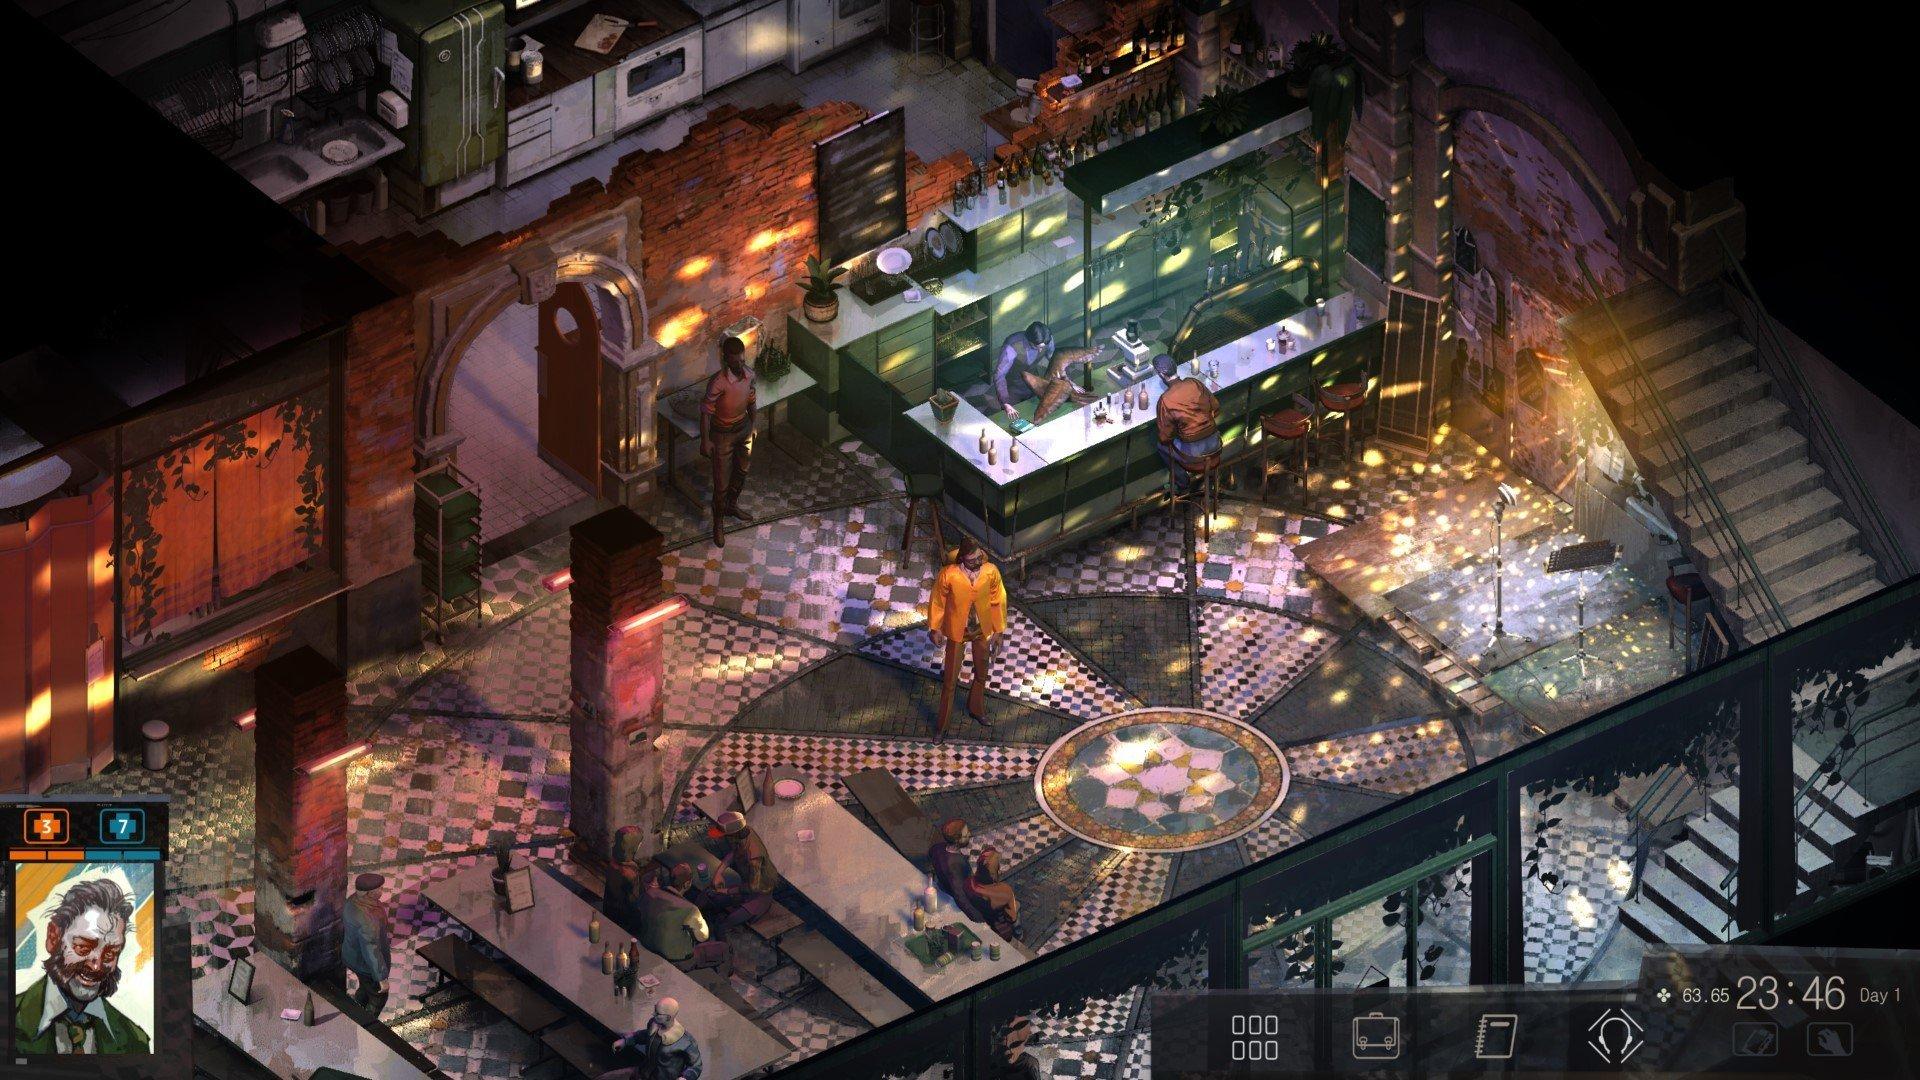 Скриншот к игре Disco Elysium — The Final Cut v.c09c4438 [GOG] (2019) скачать торрент Лицензия